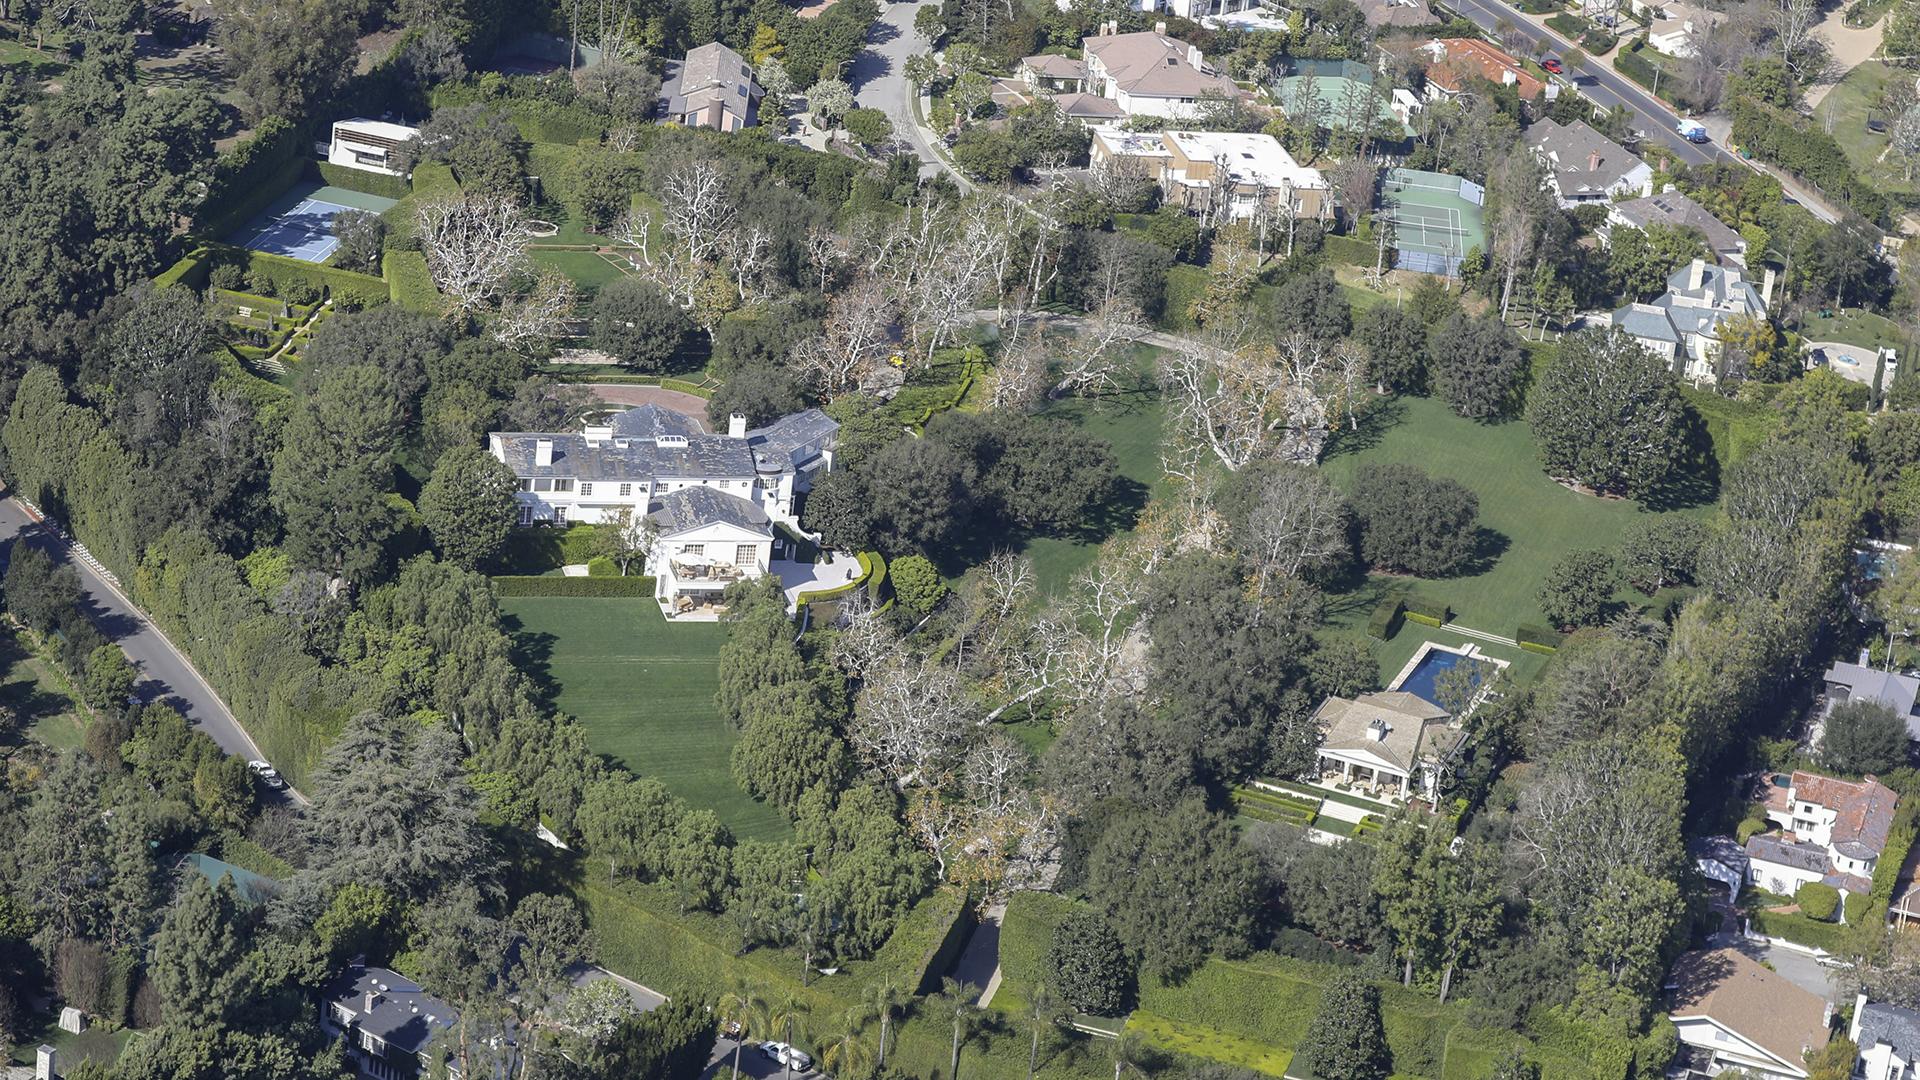 Cuando Geffen compró la propiedad, en 1990, el precio fue de 47,5 millones de dólares, y marcó récords en su momento